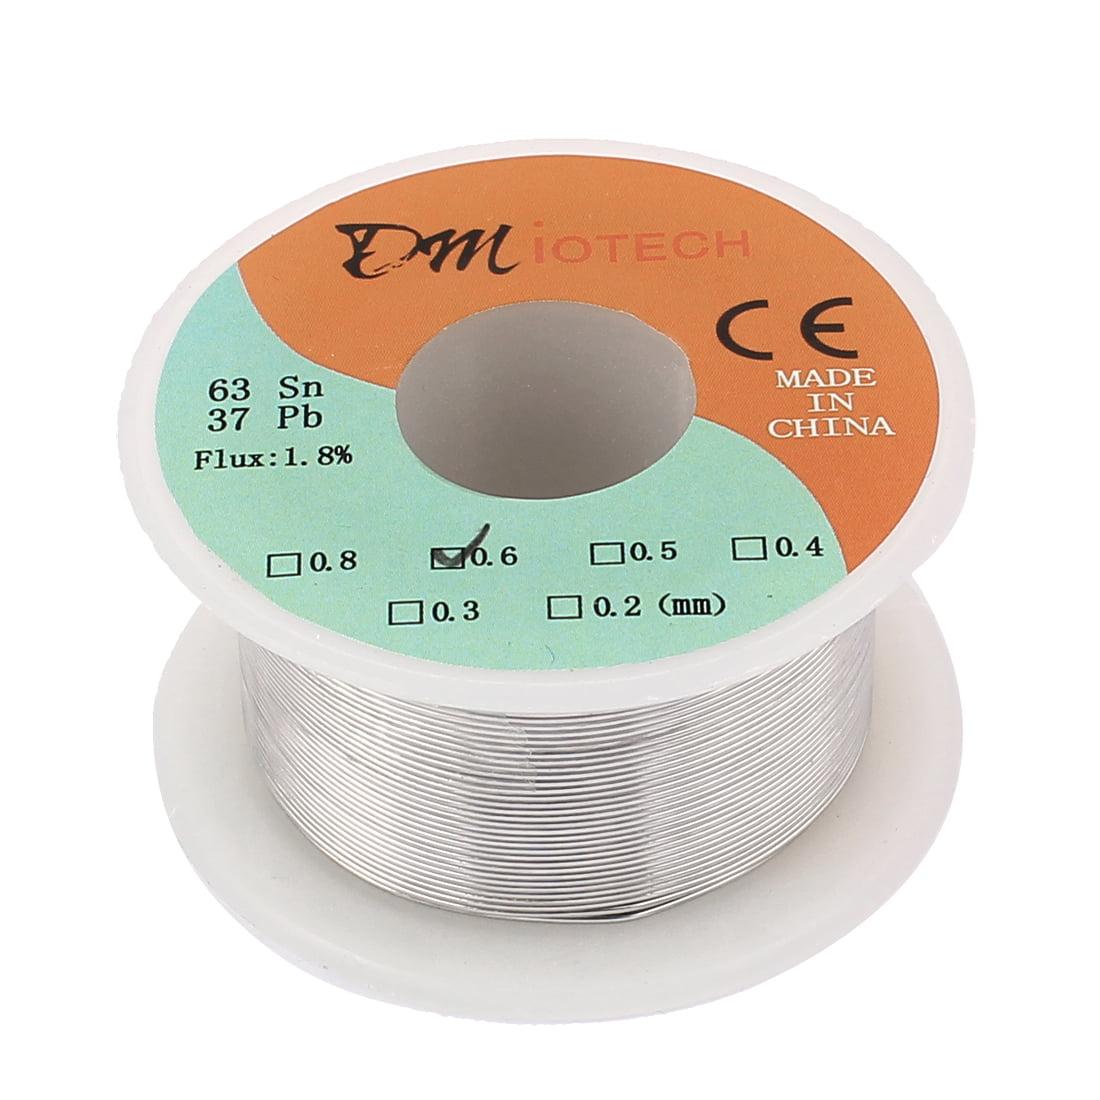 DMiotech 0.6mm 50G 63/37 Tin  Roll Solder Core Flux Soldering Wire Reel